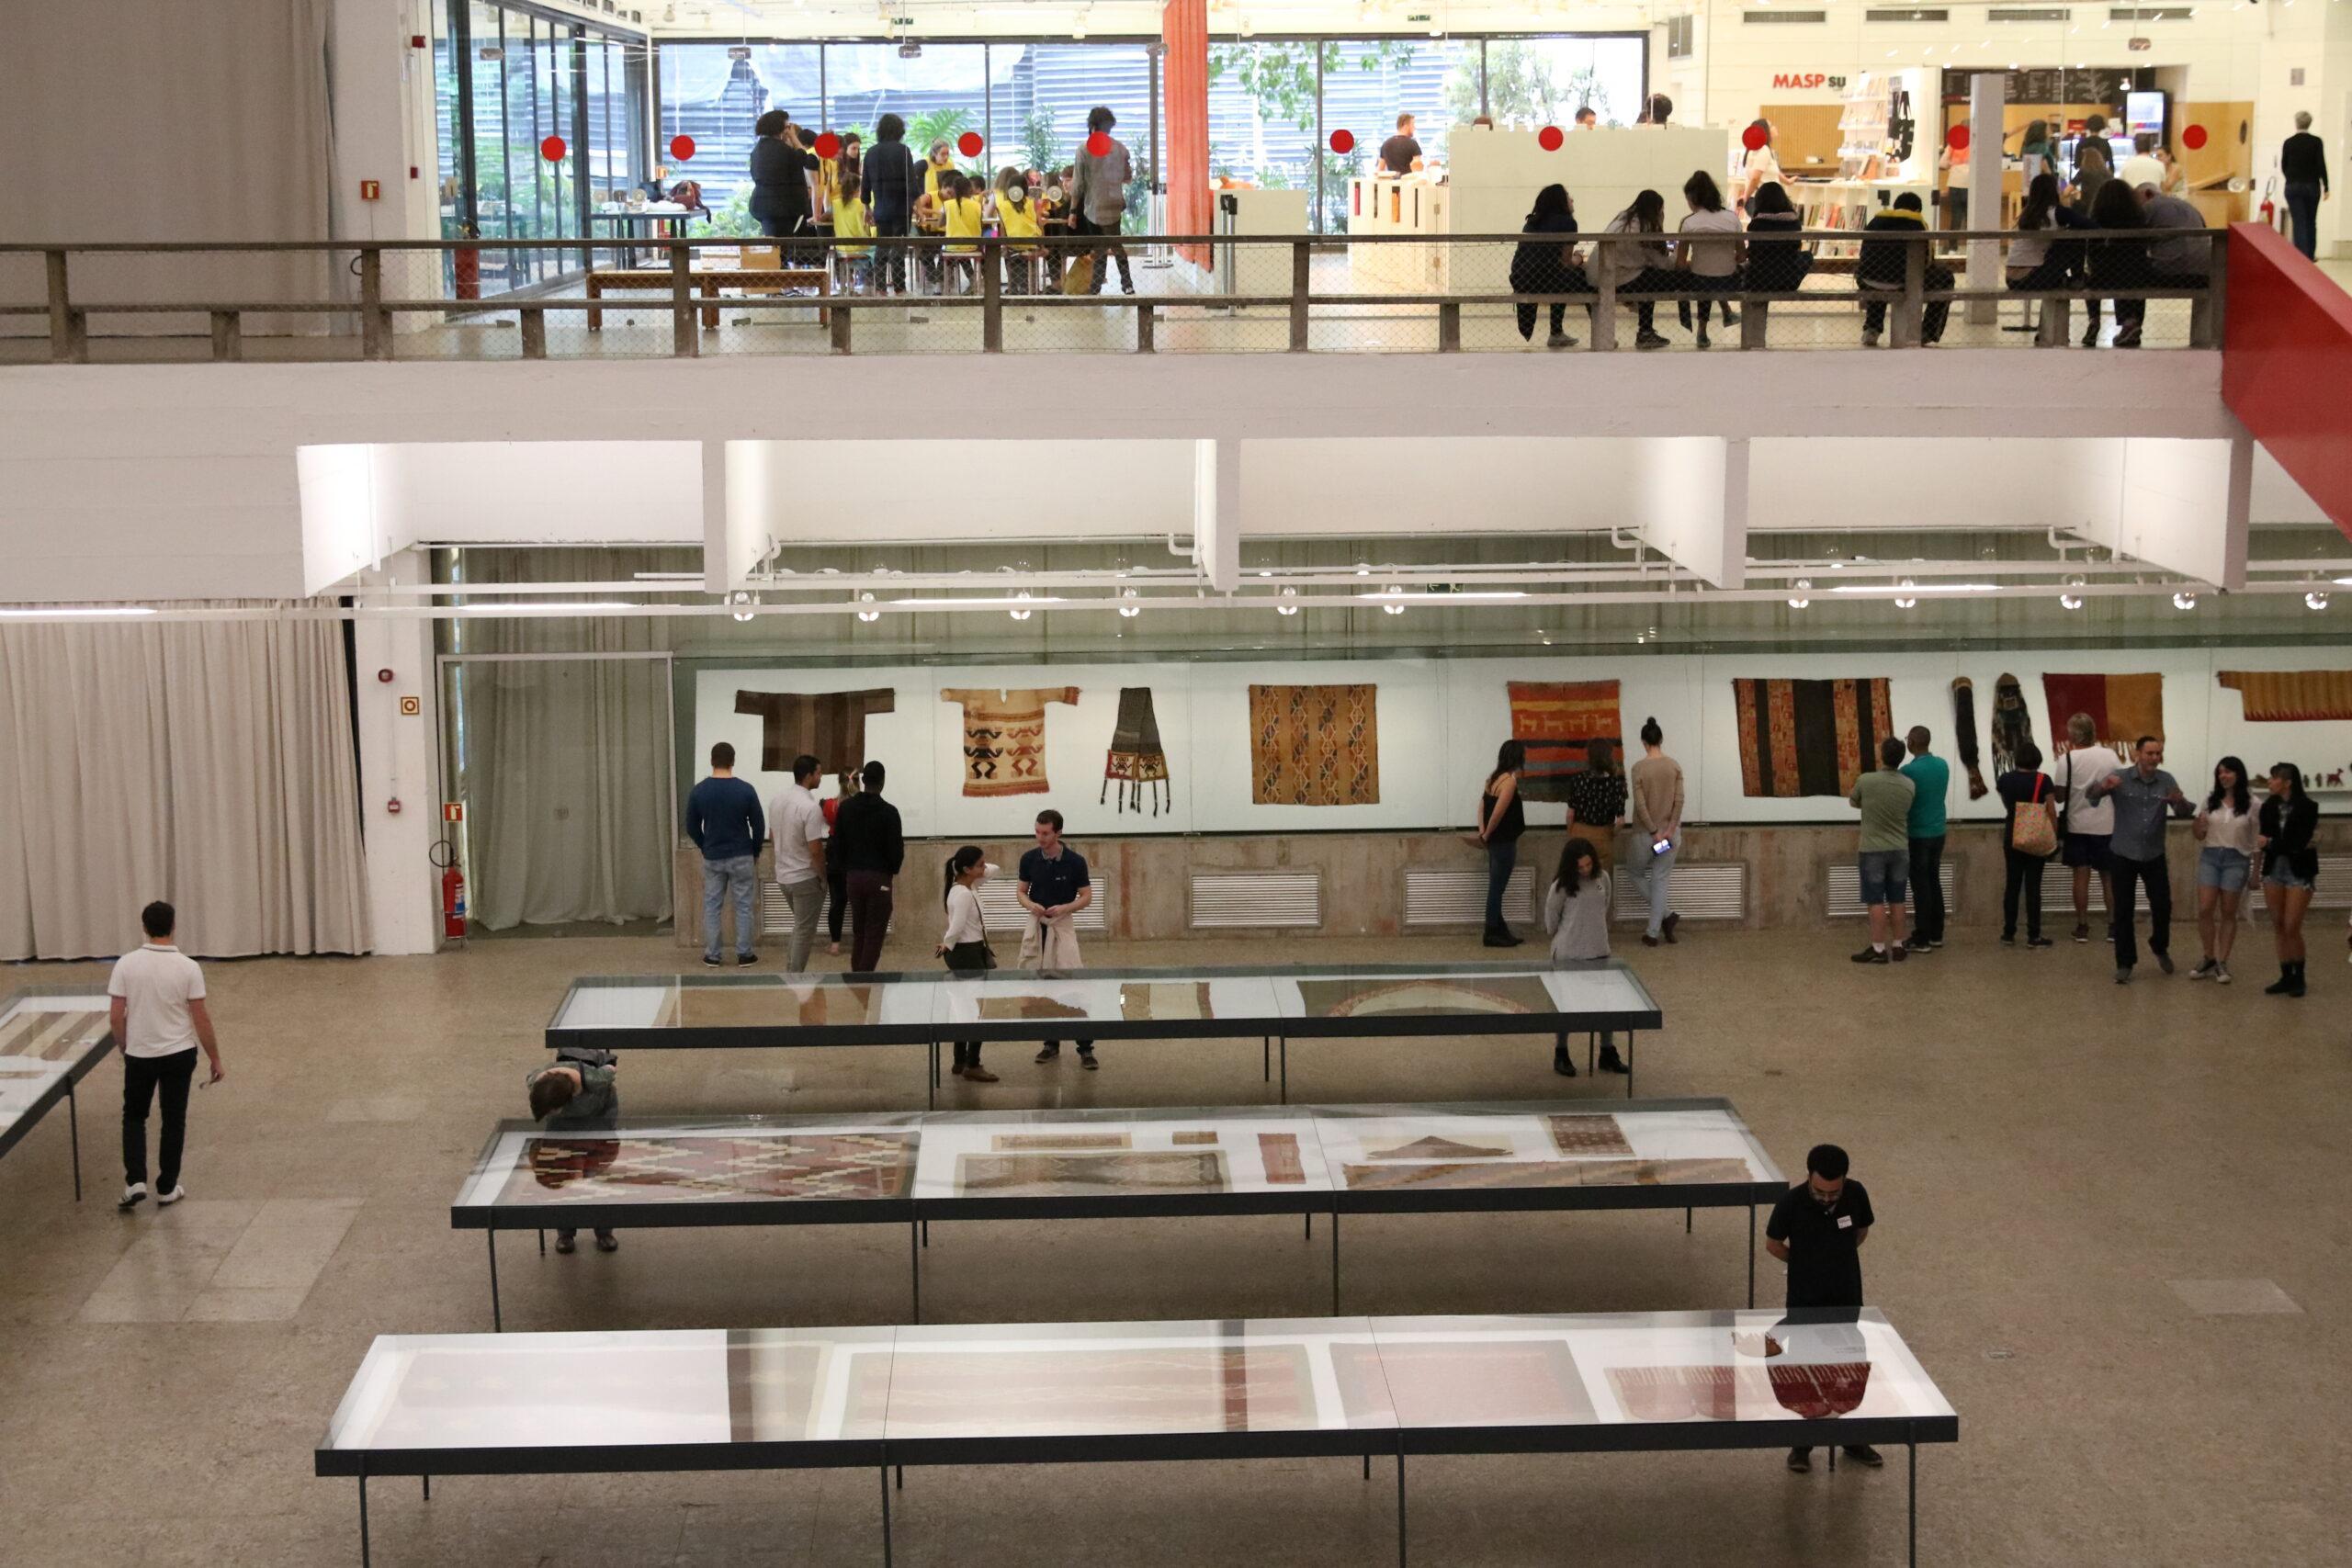 Museus como o Masp passam a reabrir a partir de hoje em São Paulo. Foto: Rovena Rosa/Agência Brasil